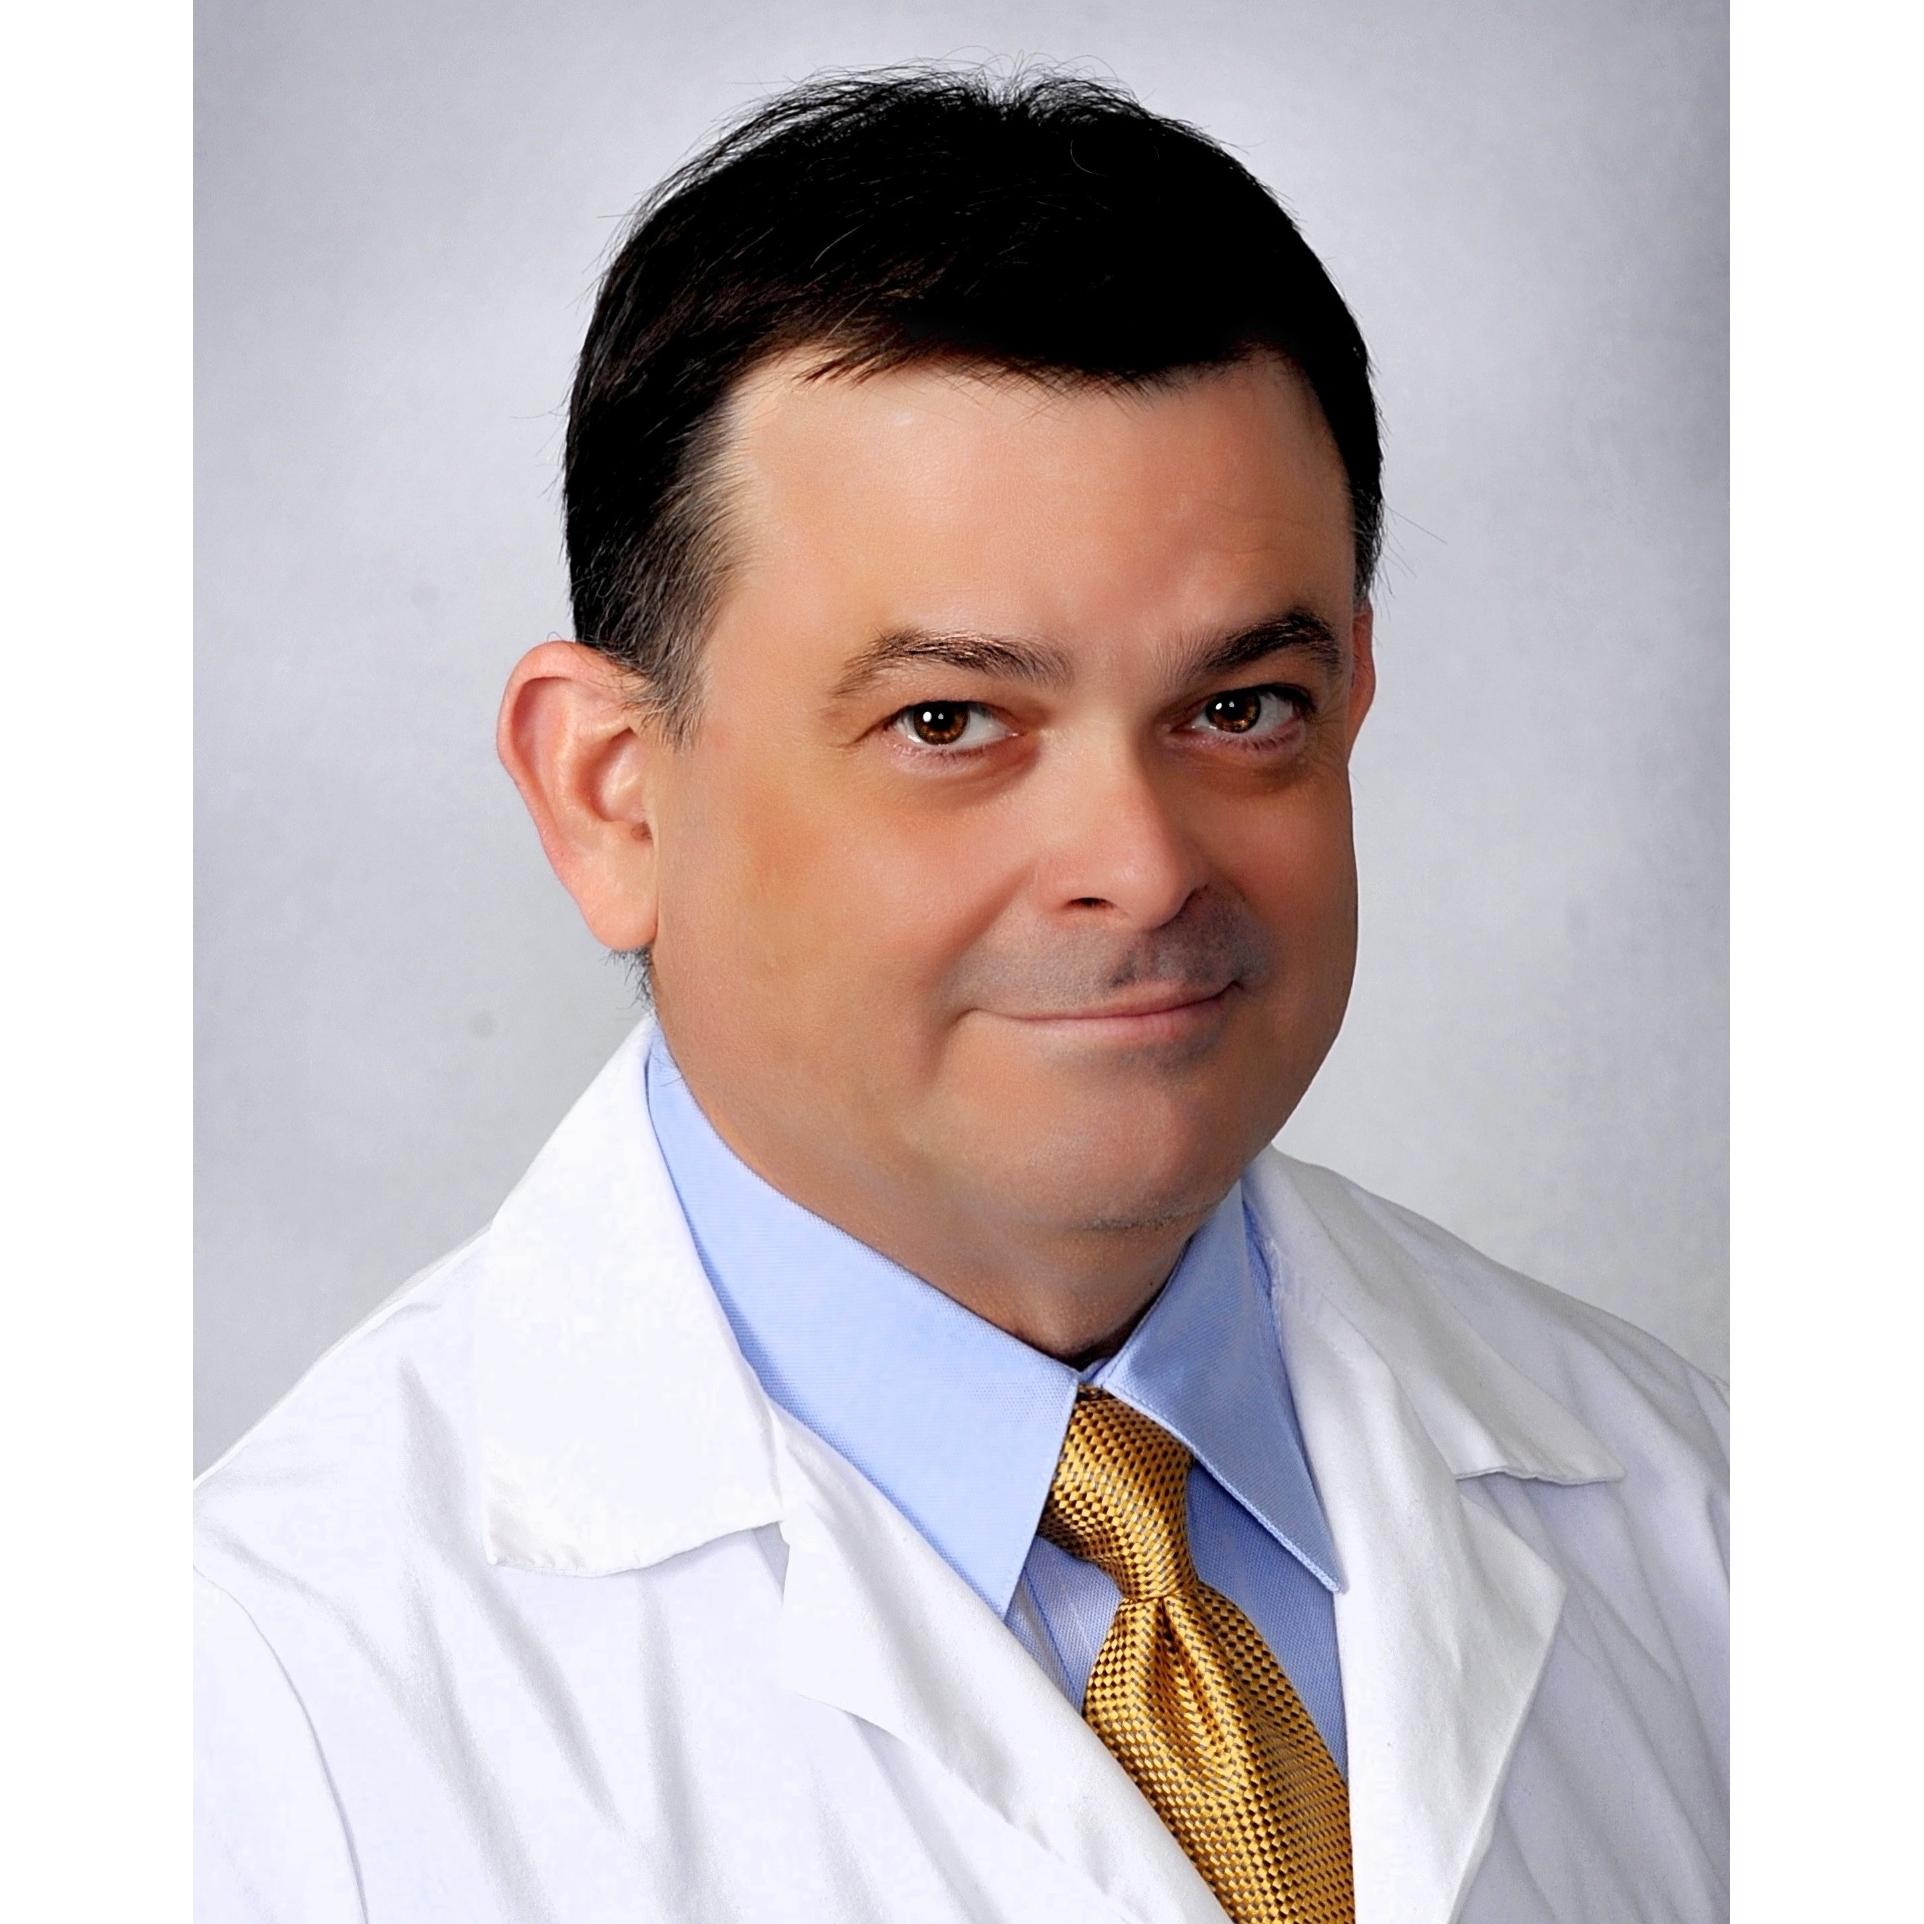 Francisco Garcini, MD, PhD, FACOG, FACS